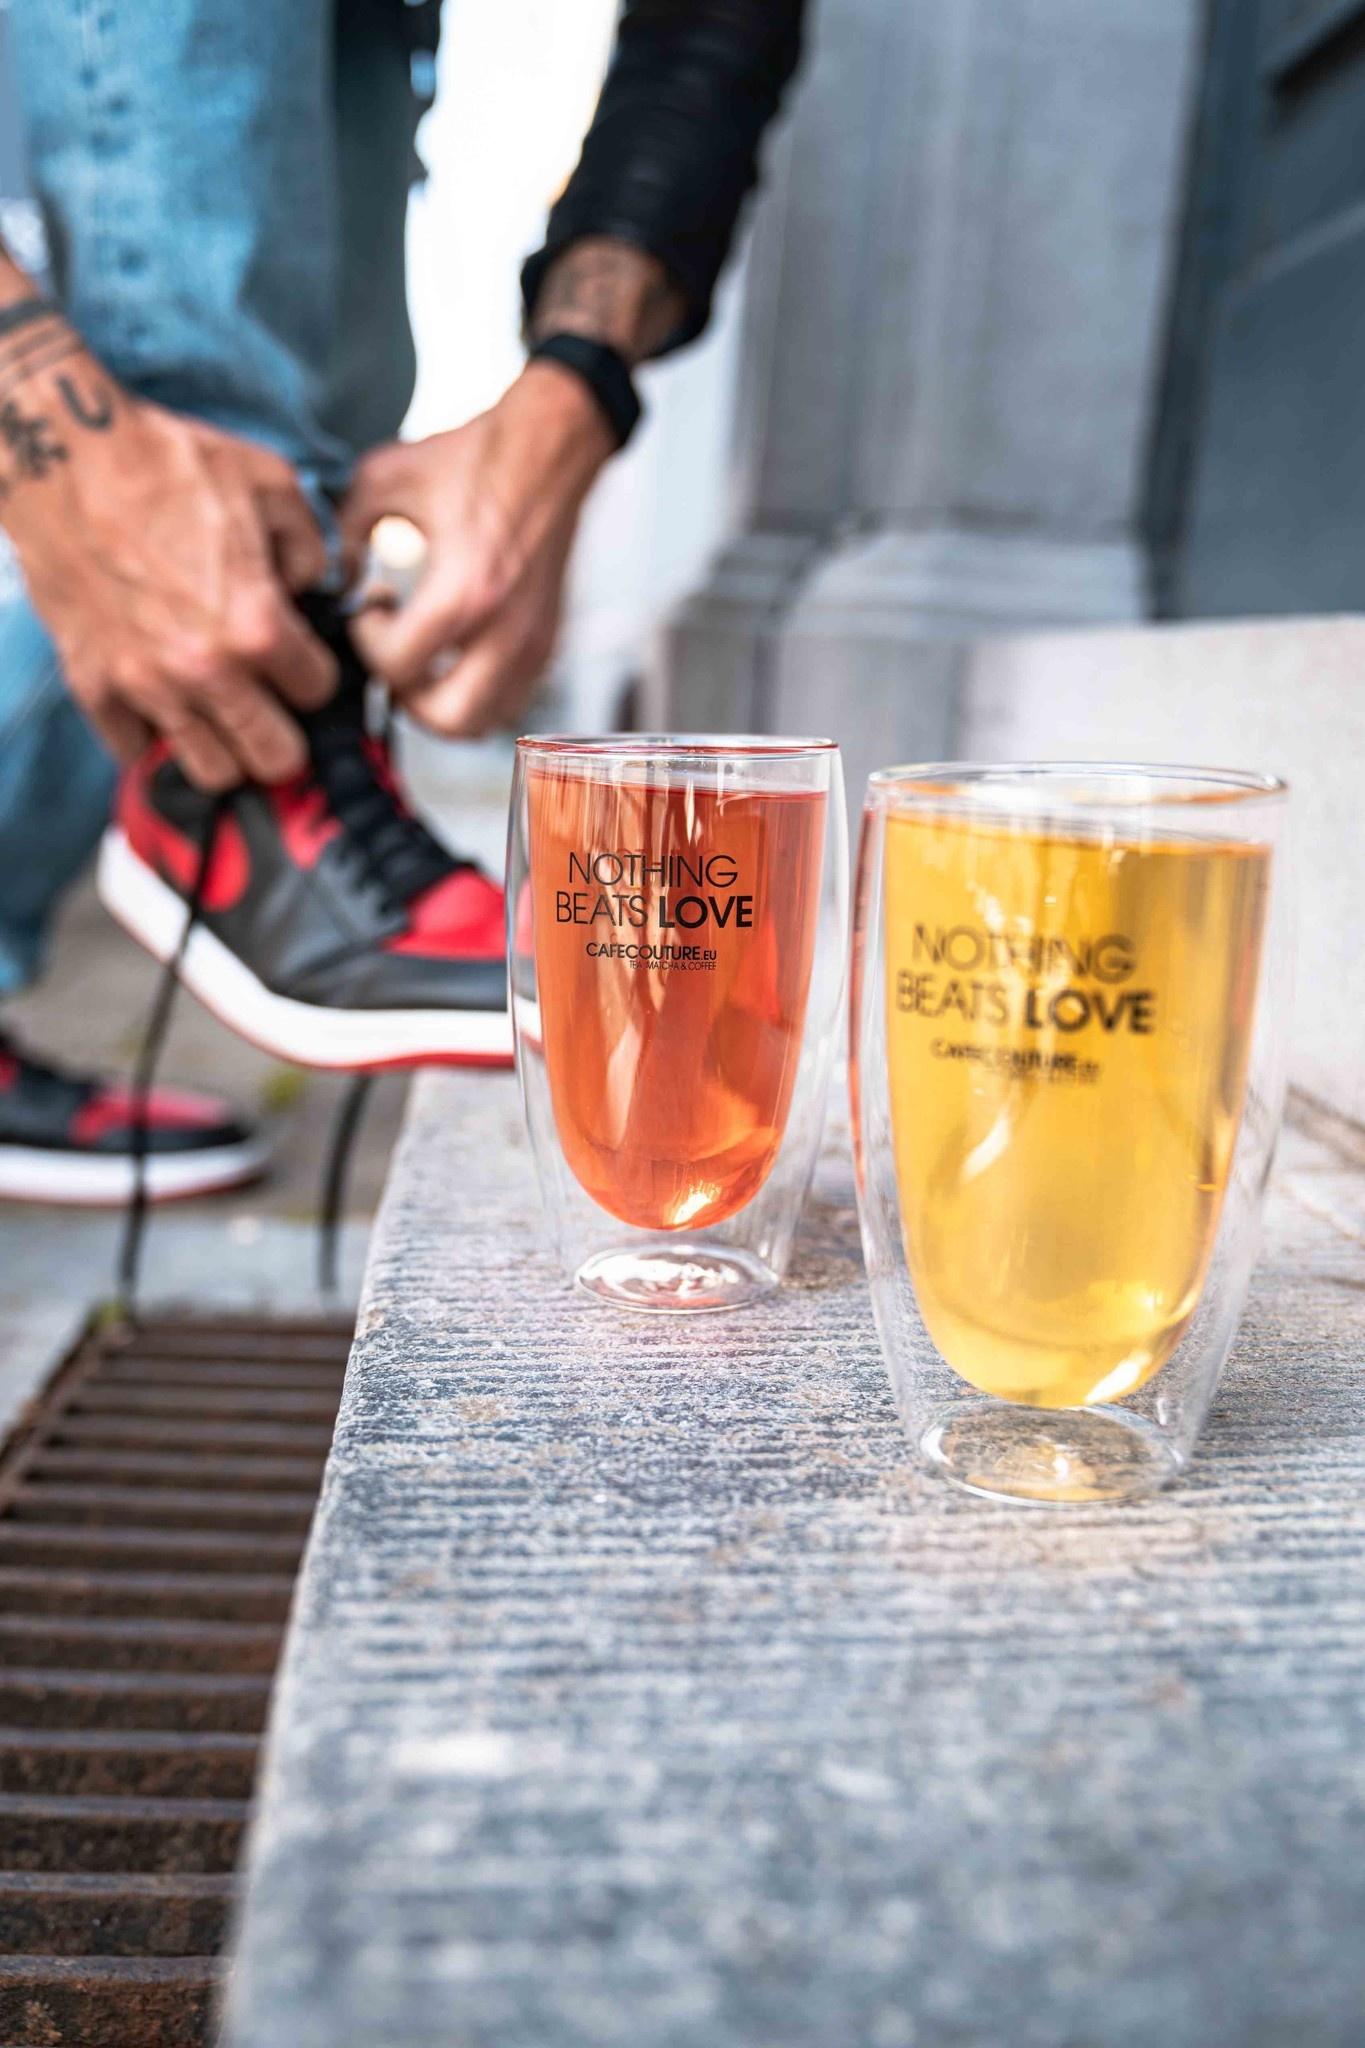 Nothing Beats Love dubbelwandig glas